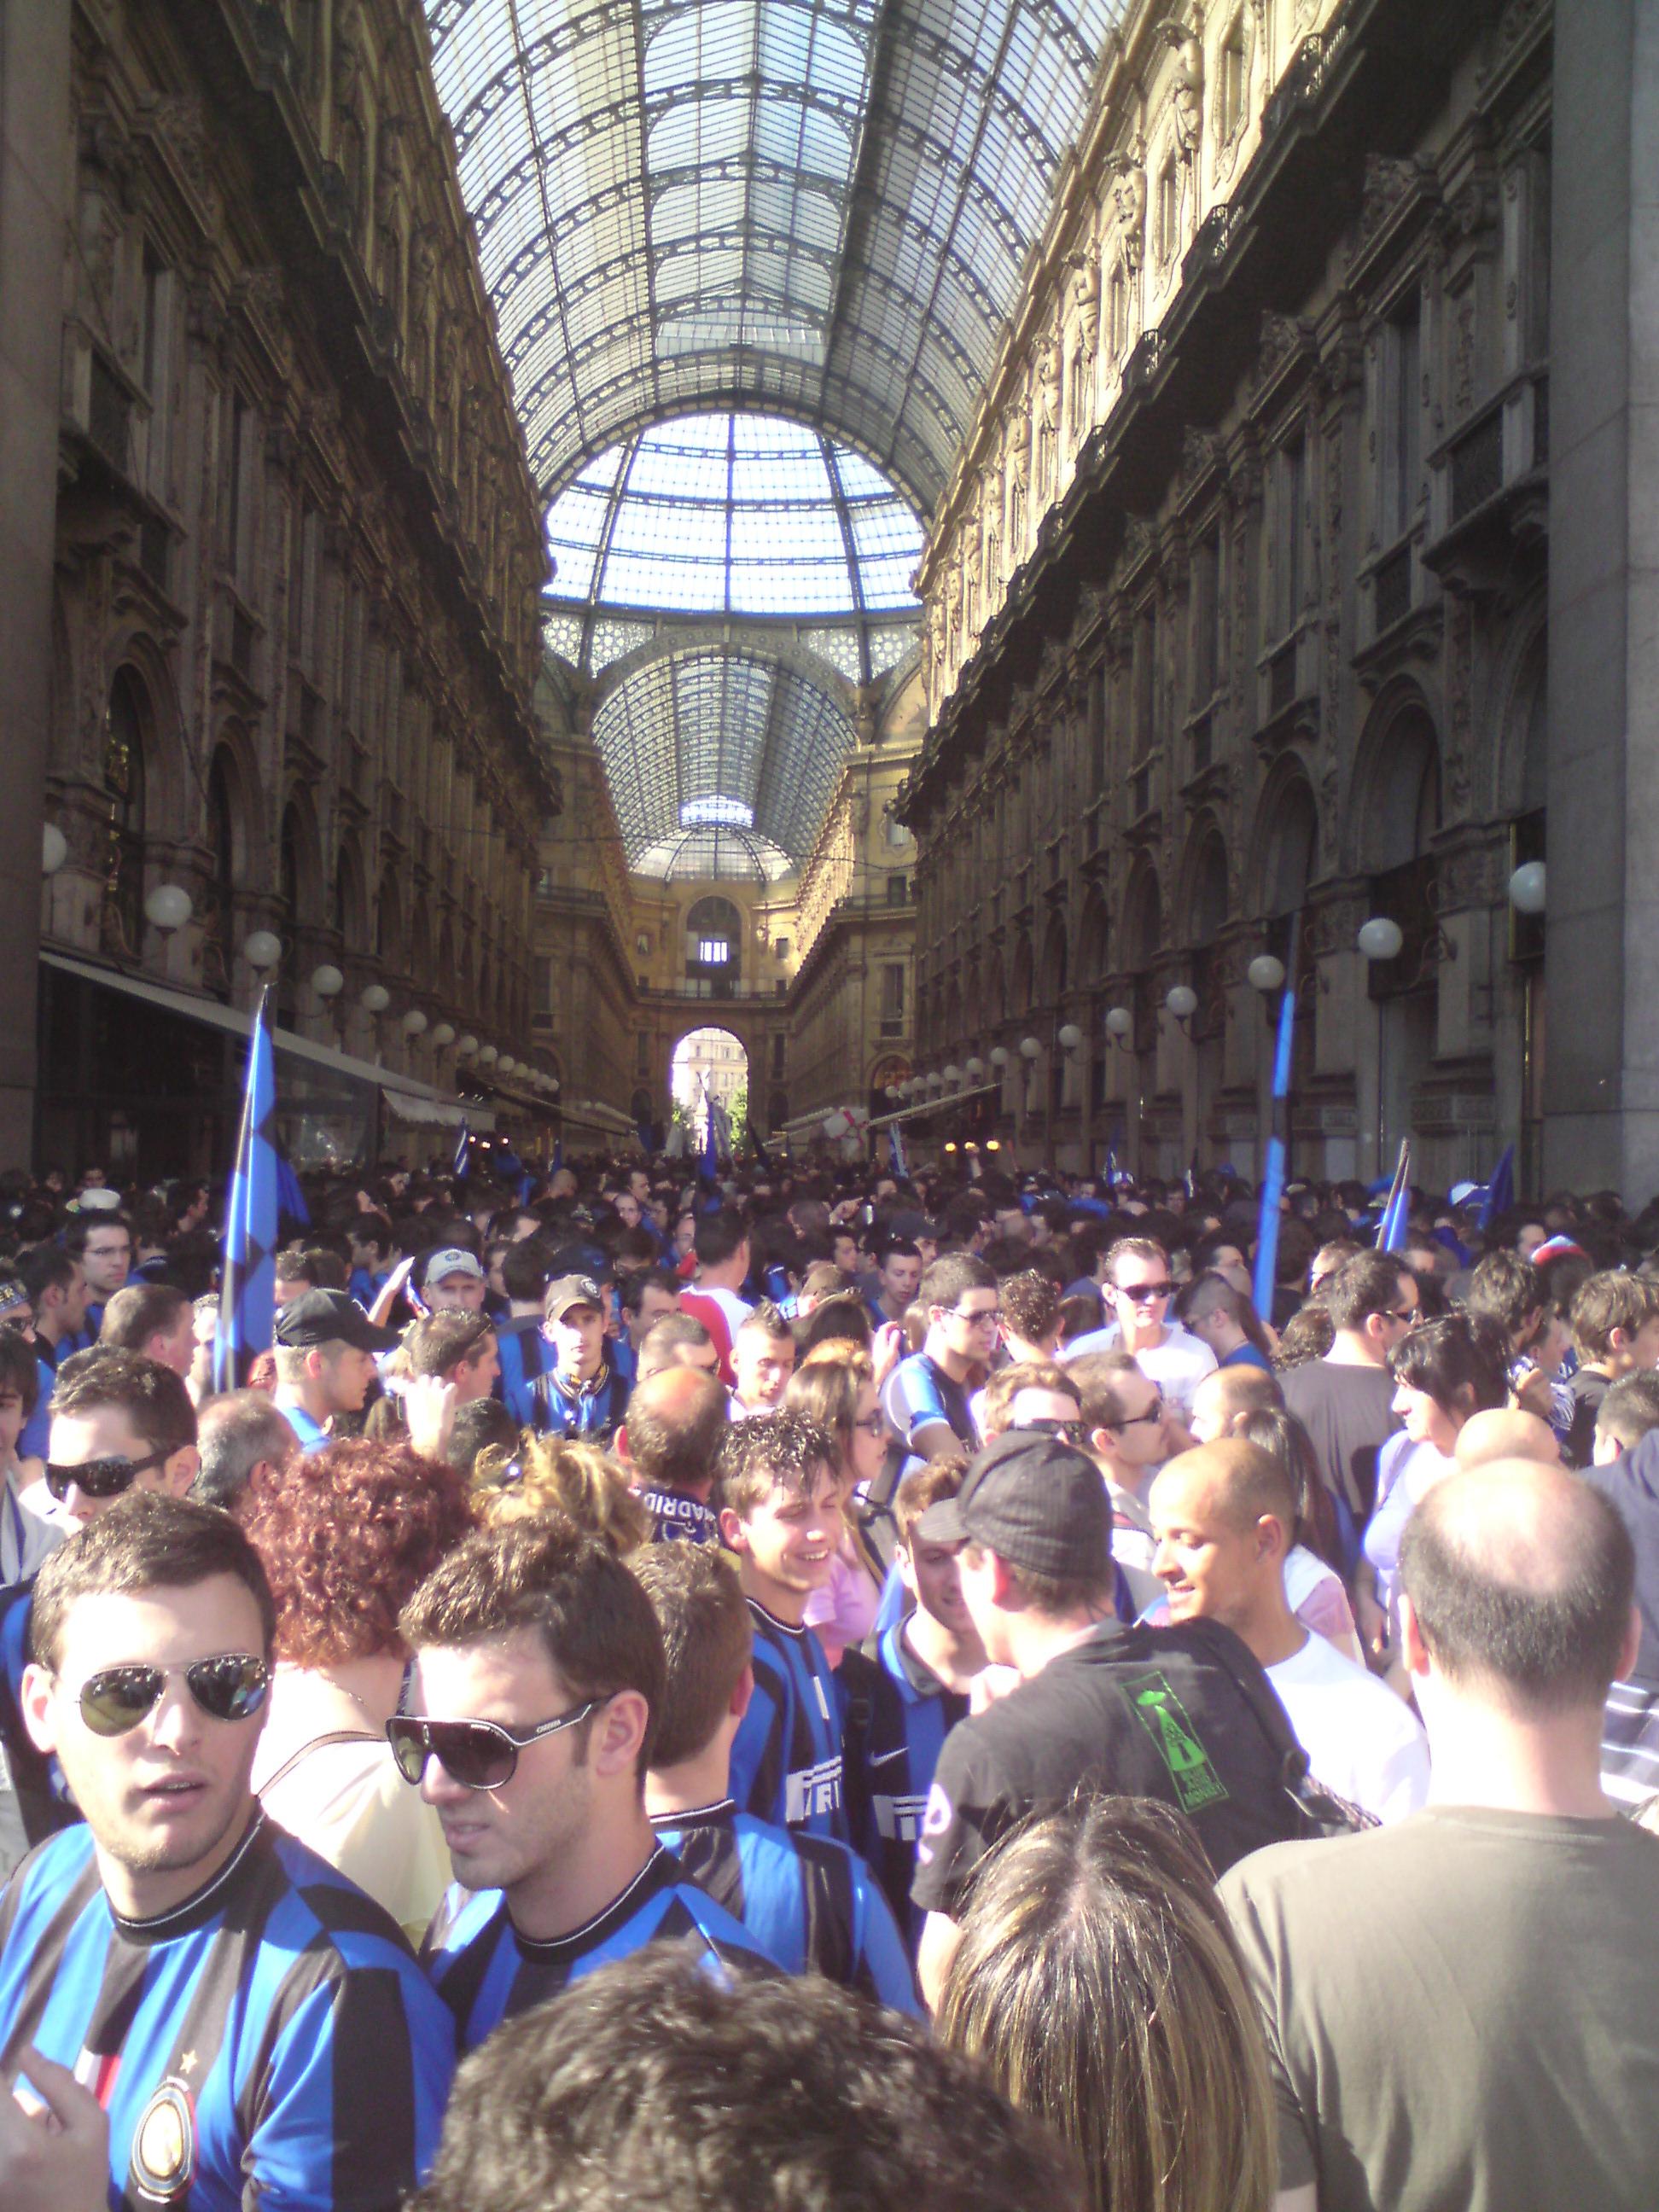 Als der Platz am Platz zu eng wurde, flutete sich die Galleria.